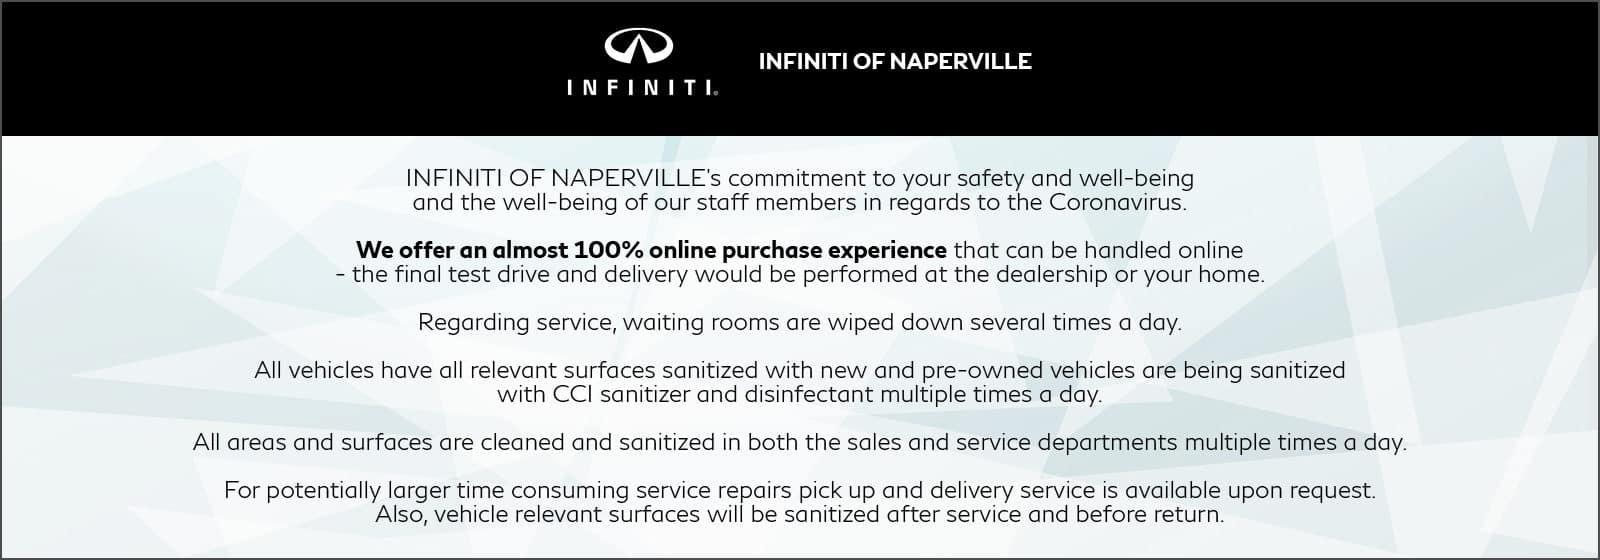 INFINITI of Naperville COVID 19 Precautions